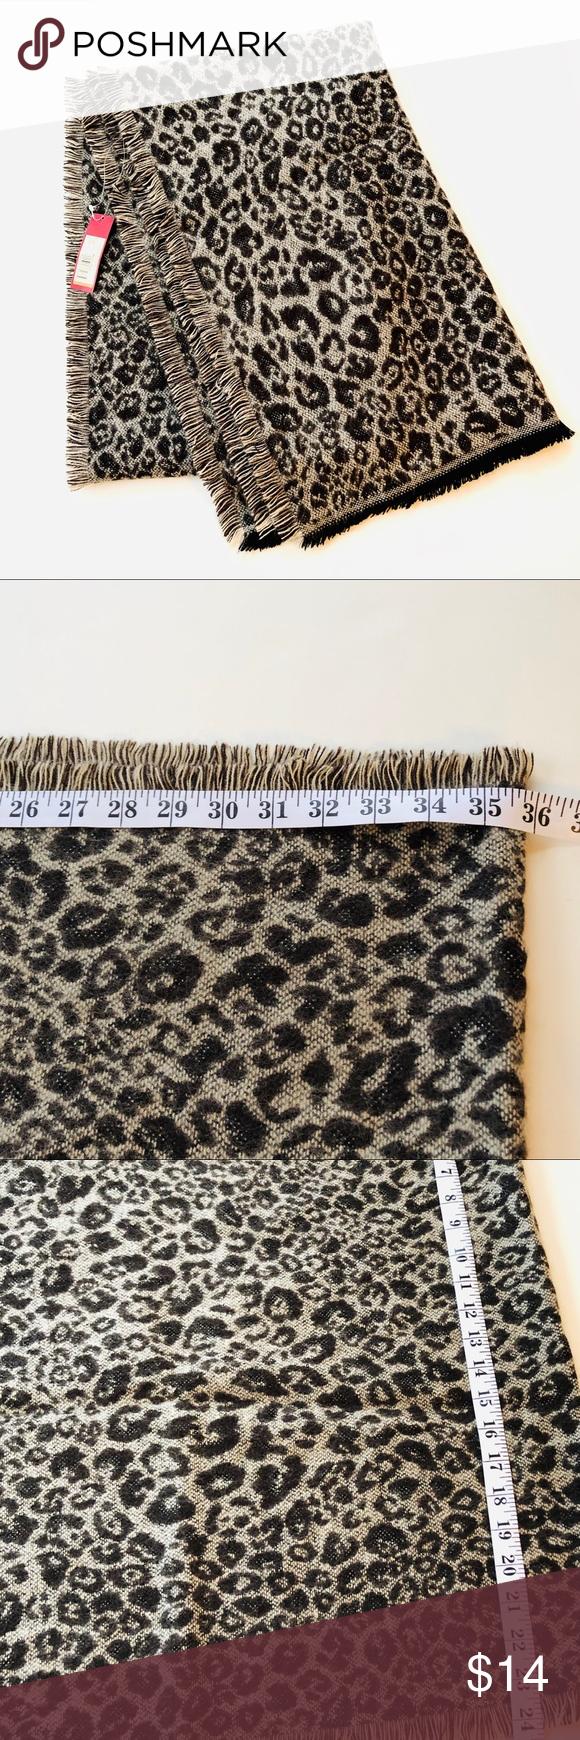 NWT Merona Cheetah Print Blanket Scarf